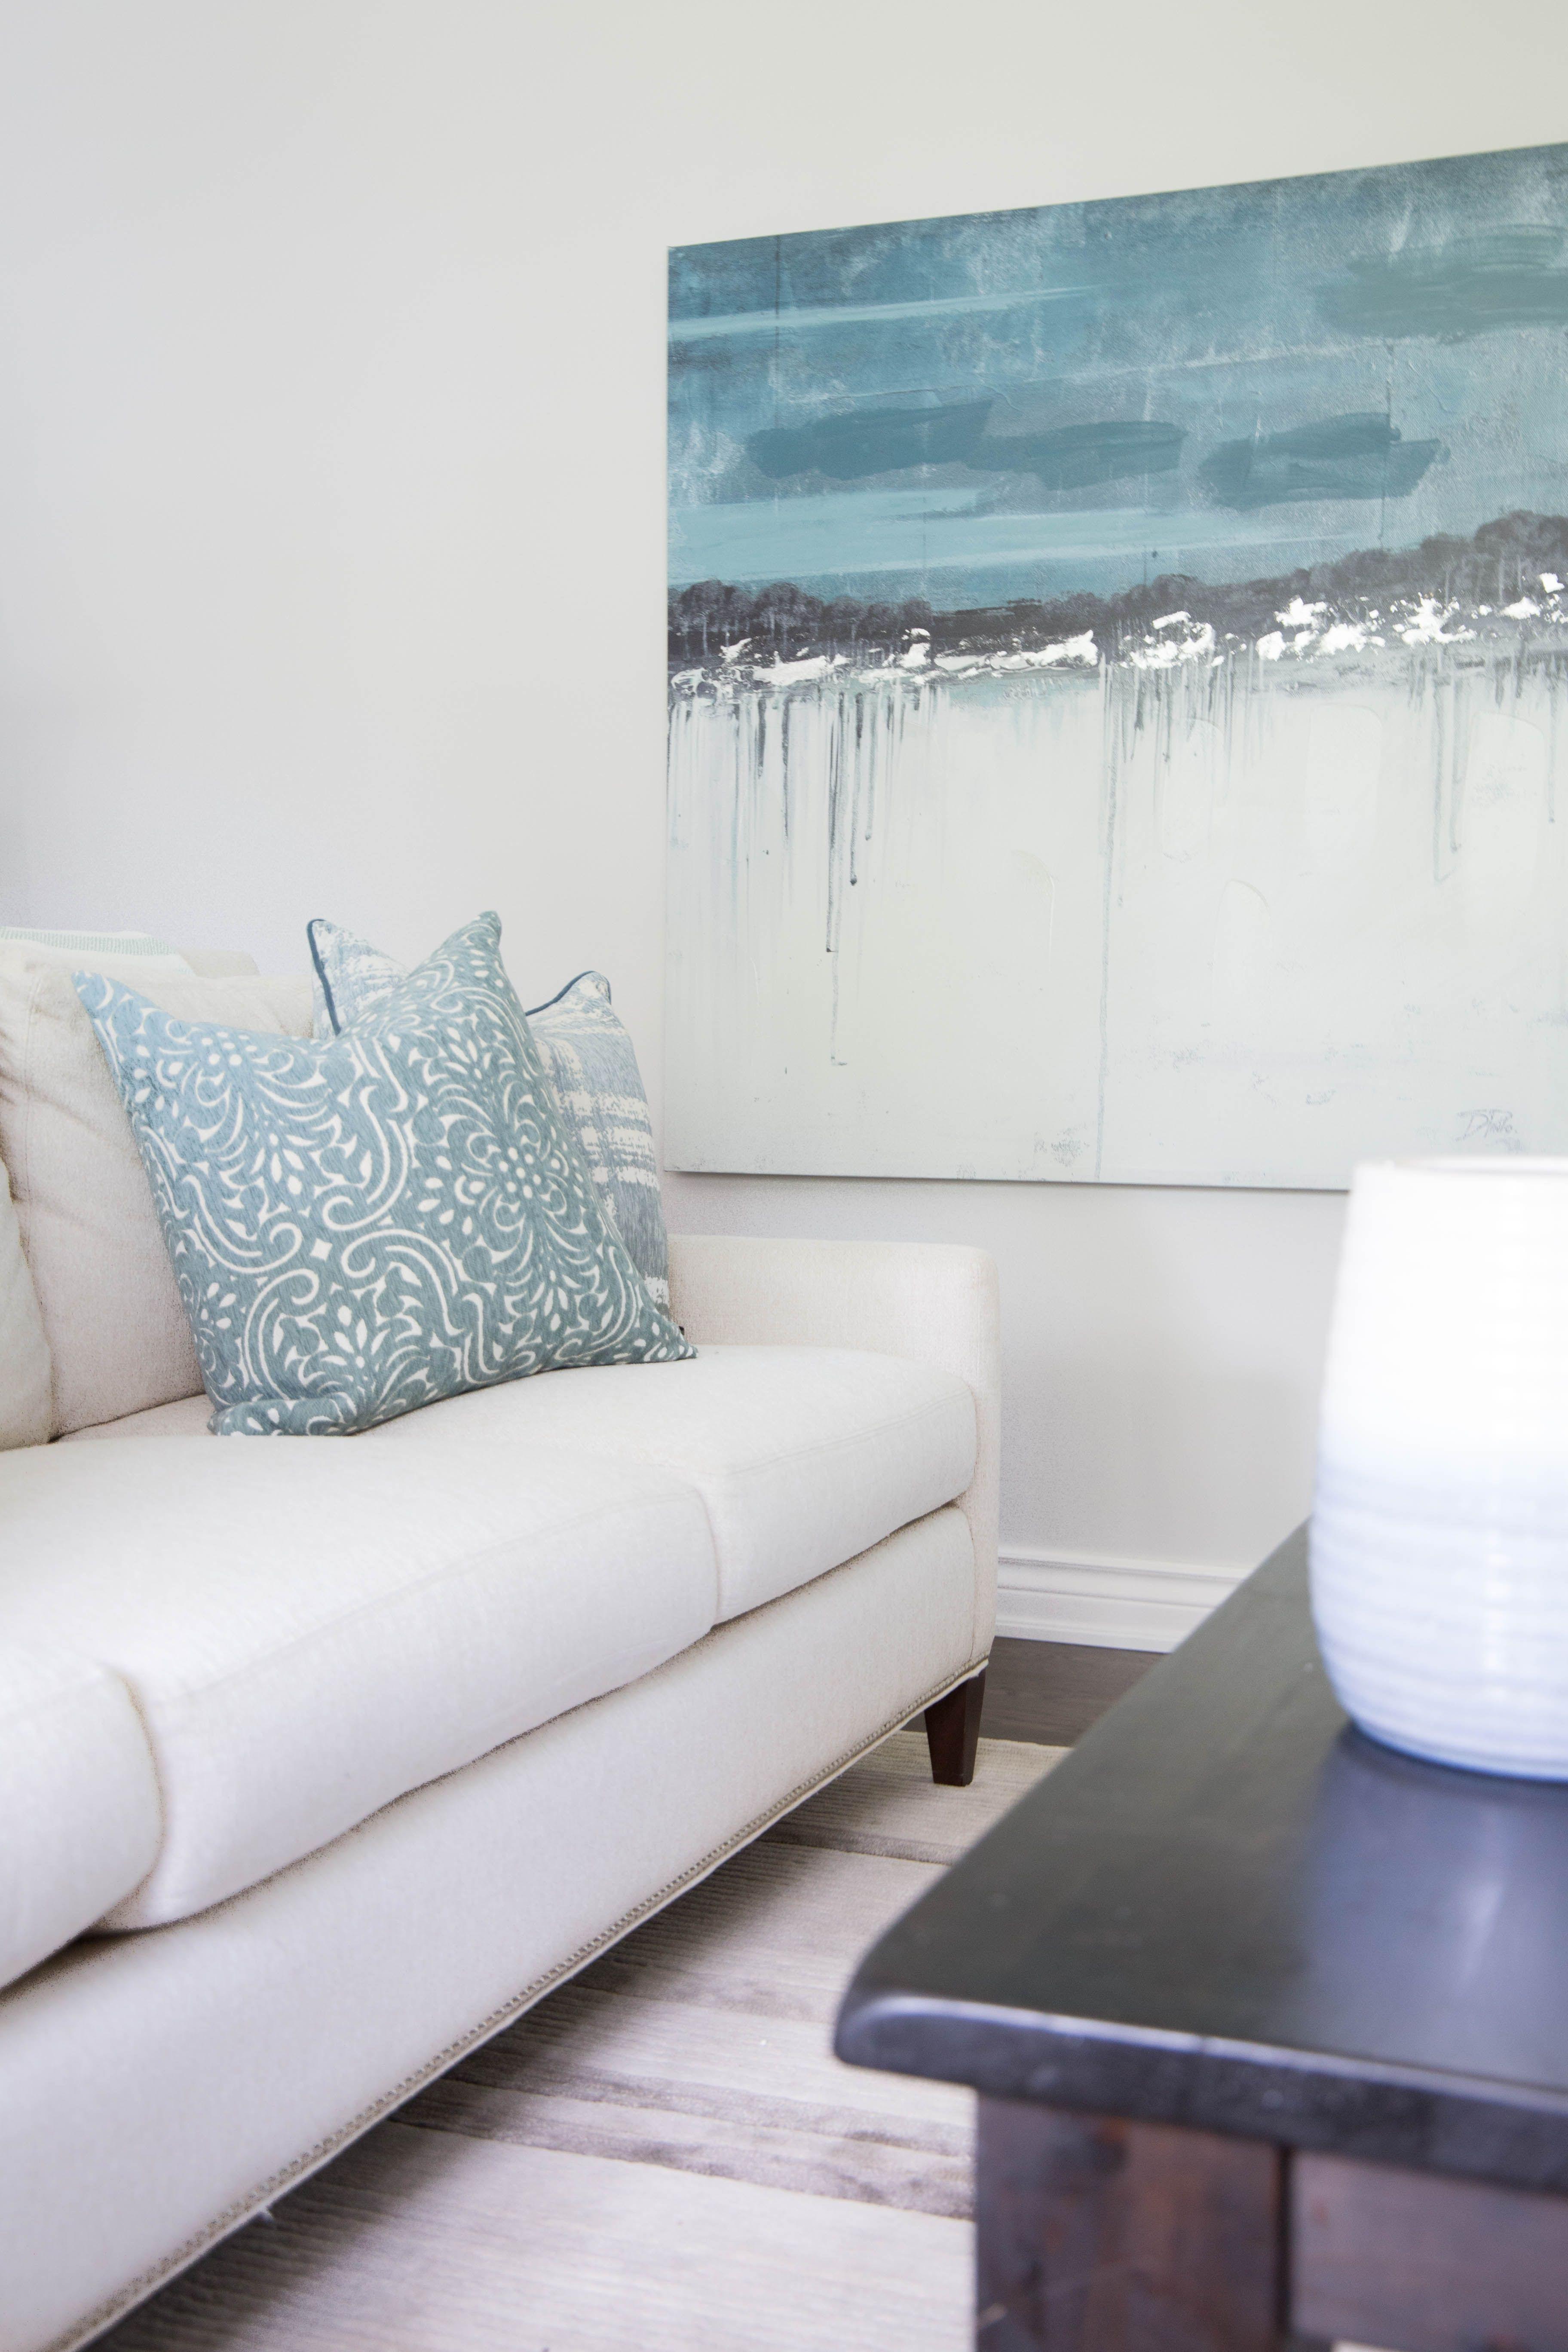 Teal living room accents - Karin Bennett Designs | KARIN BENNETT ...